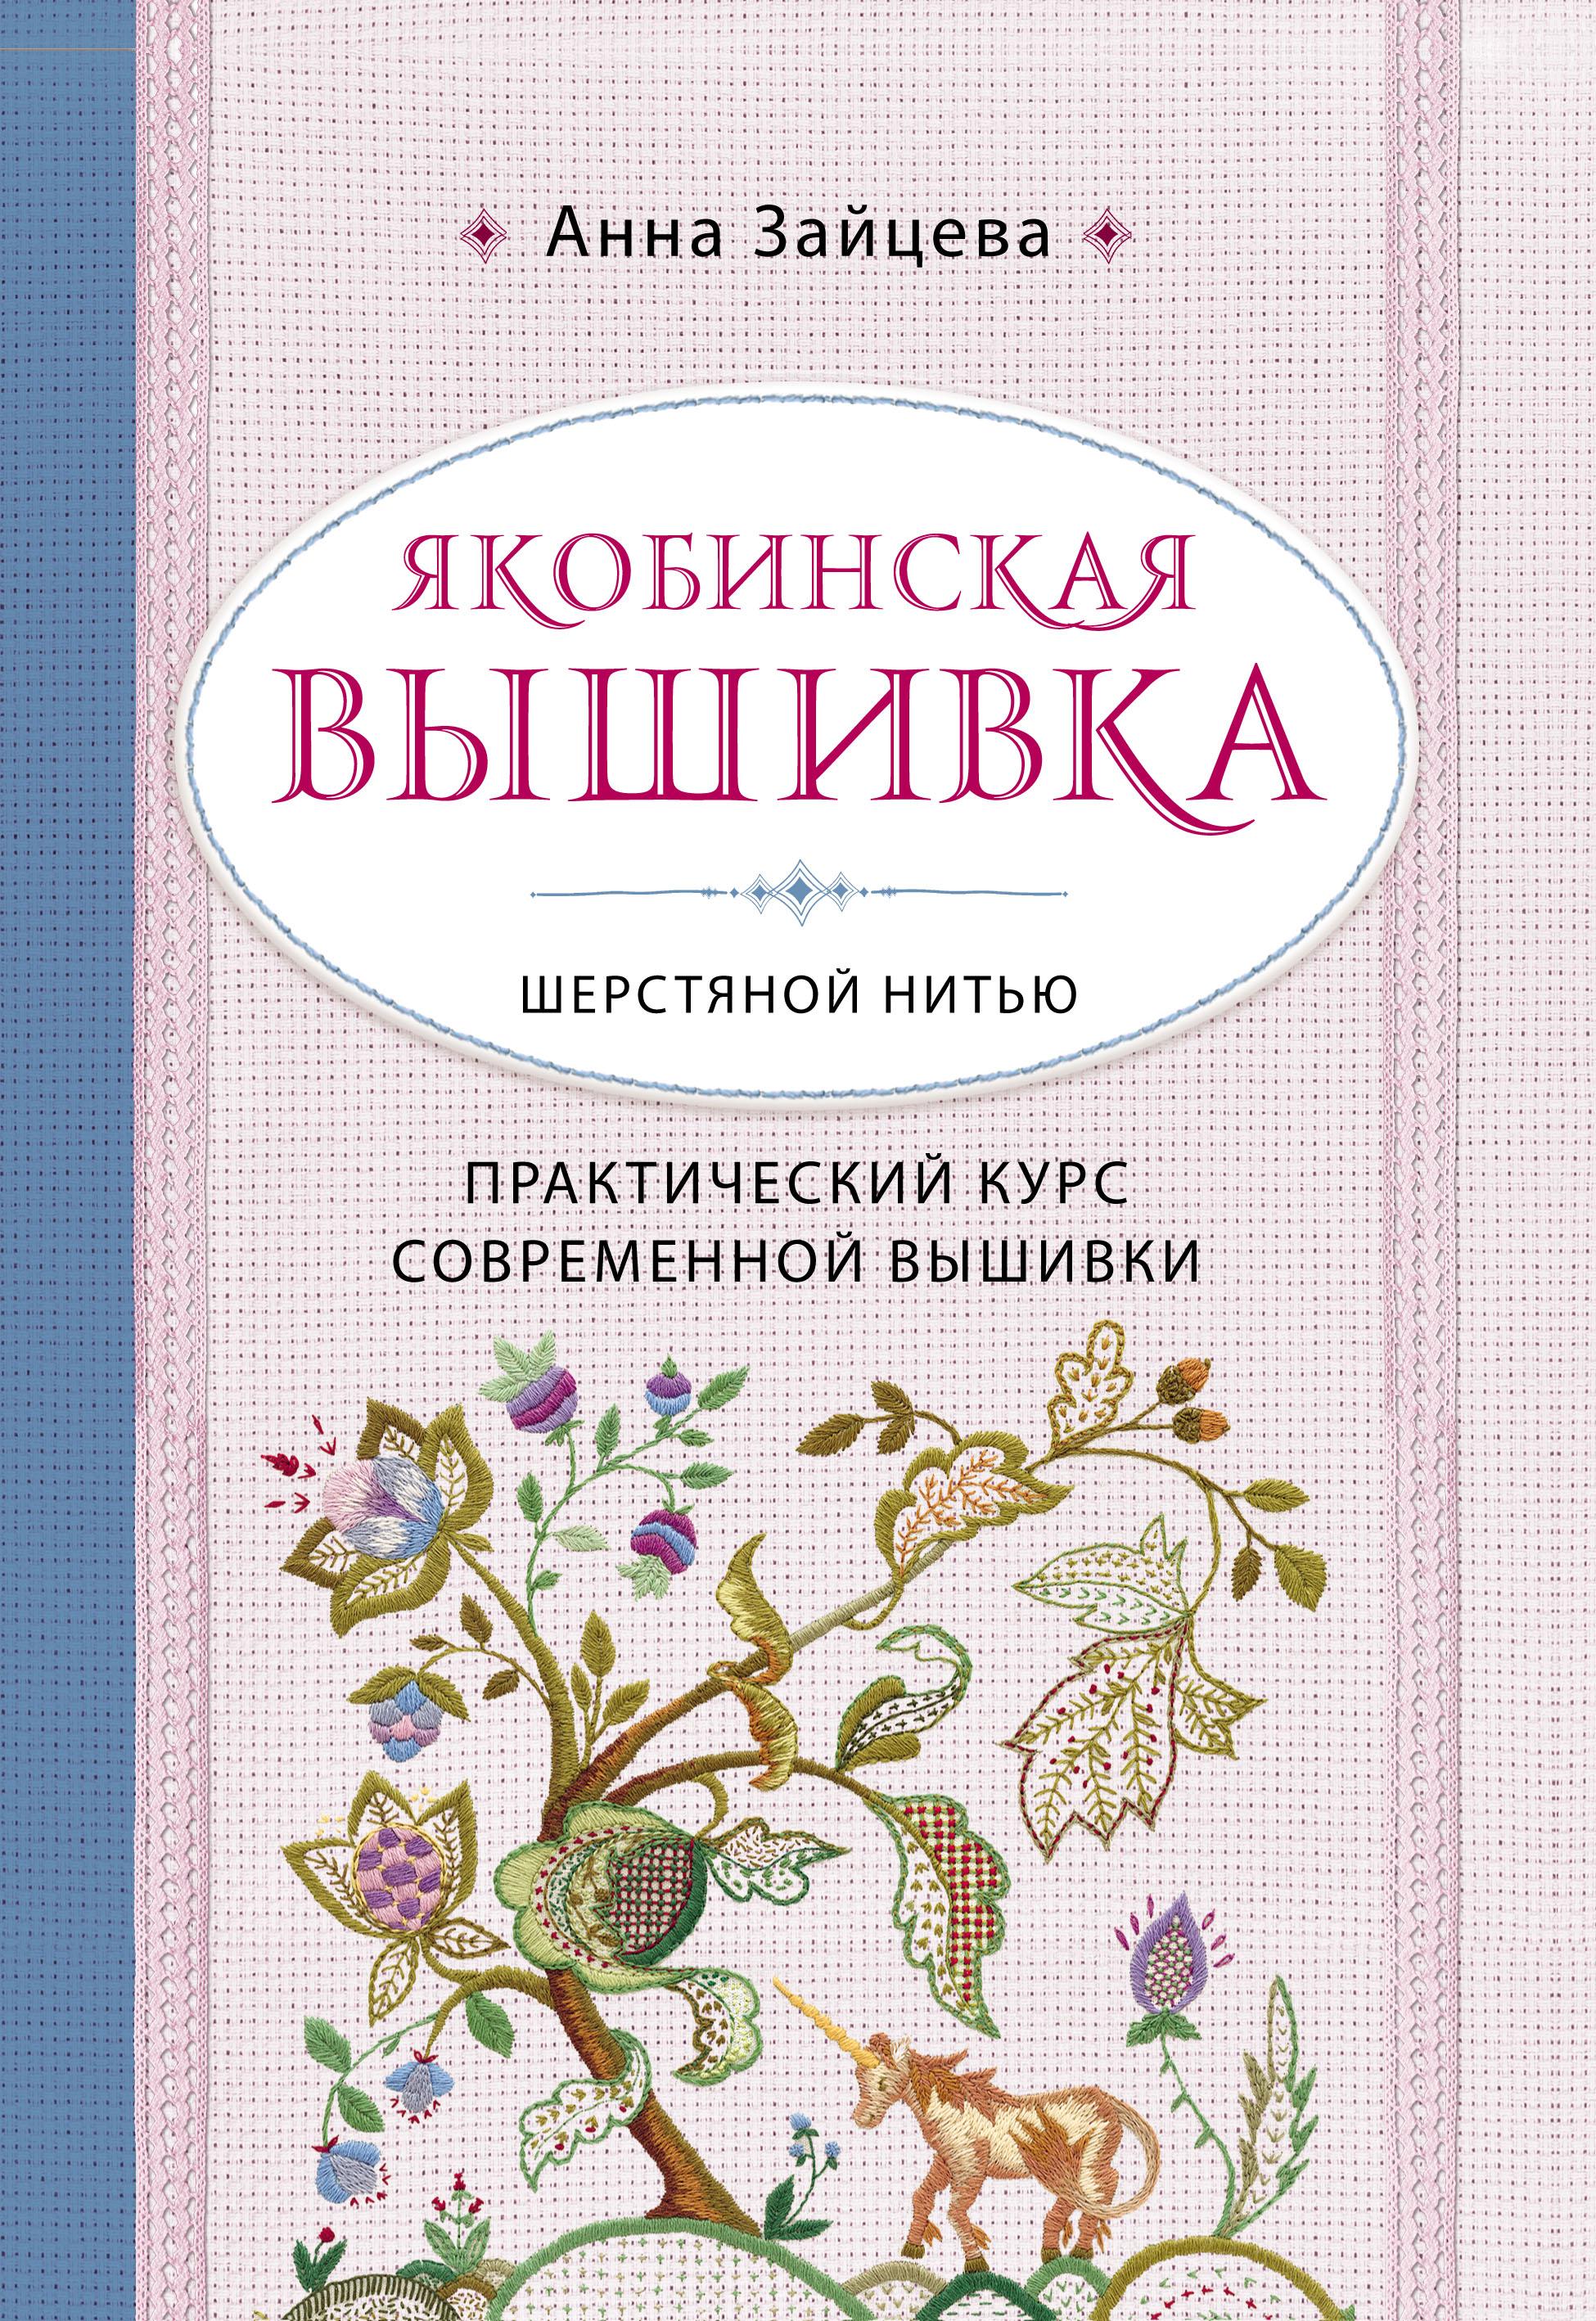 Купить книгу Якобинская вышивка шерстяной нитью. Практический курс современной вышивки, автора Анны Зайцевой